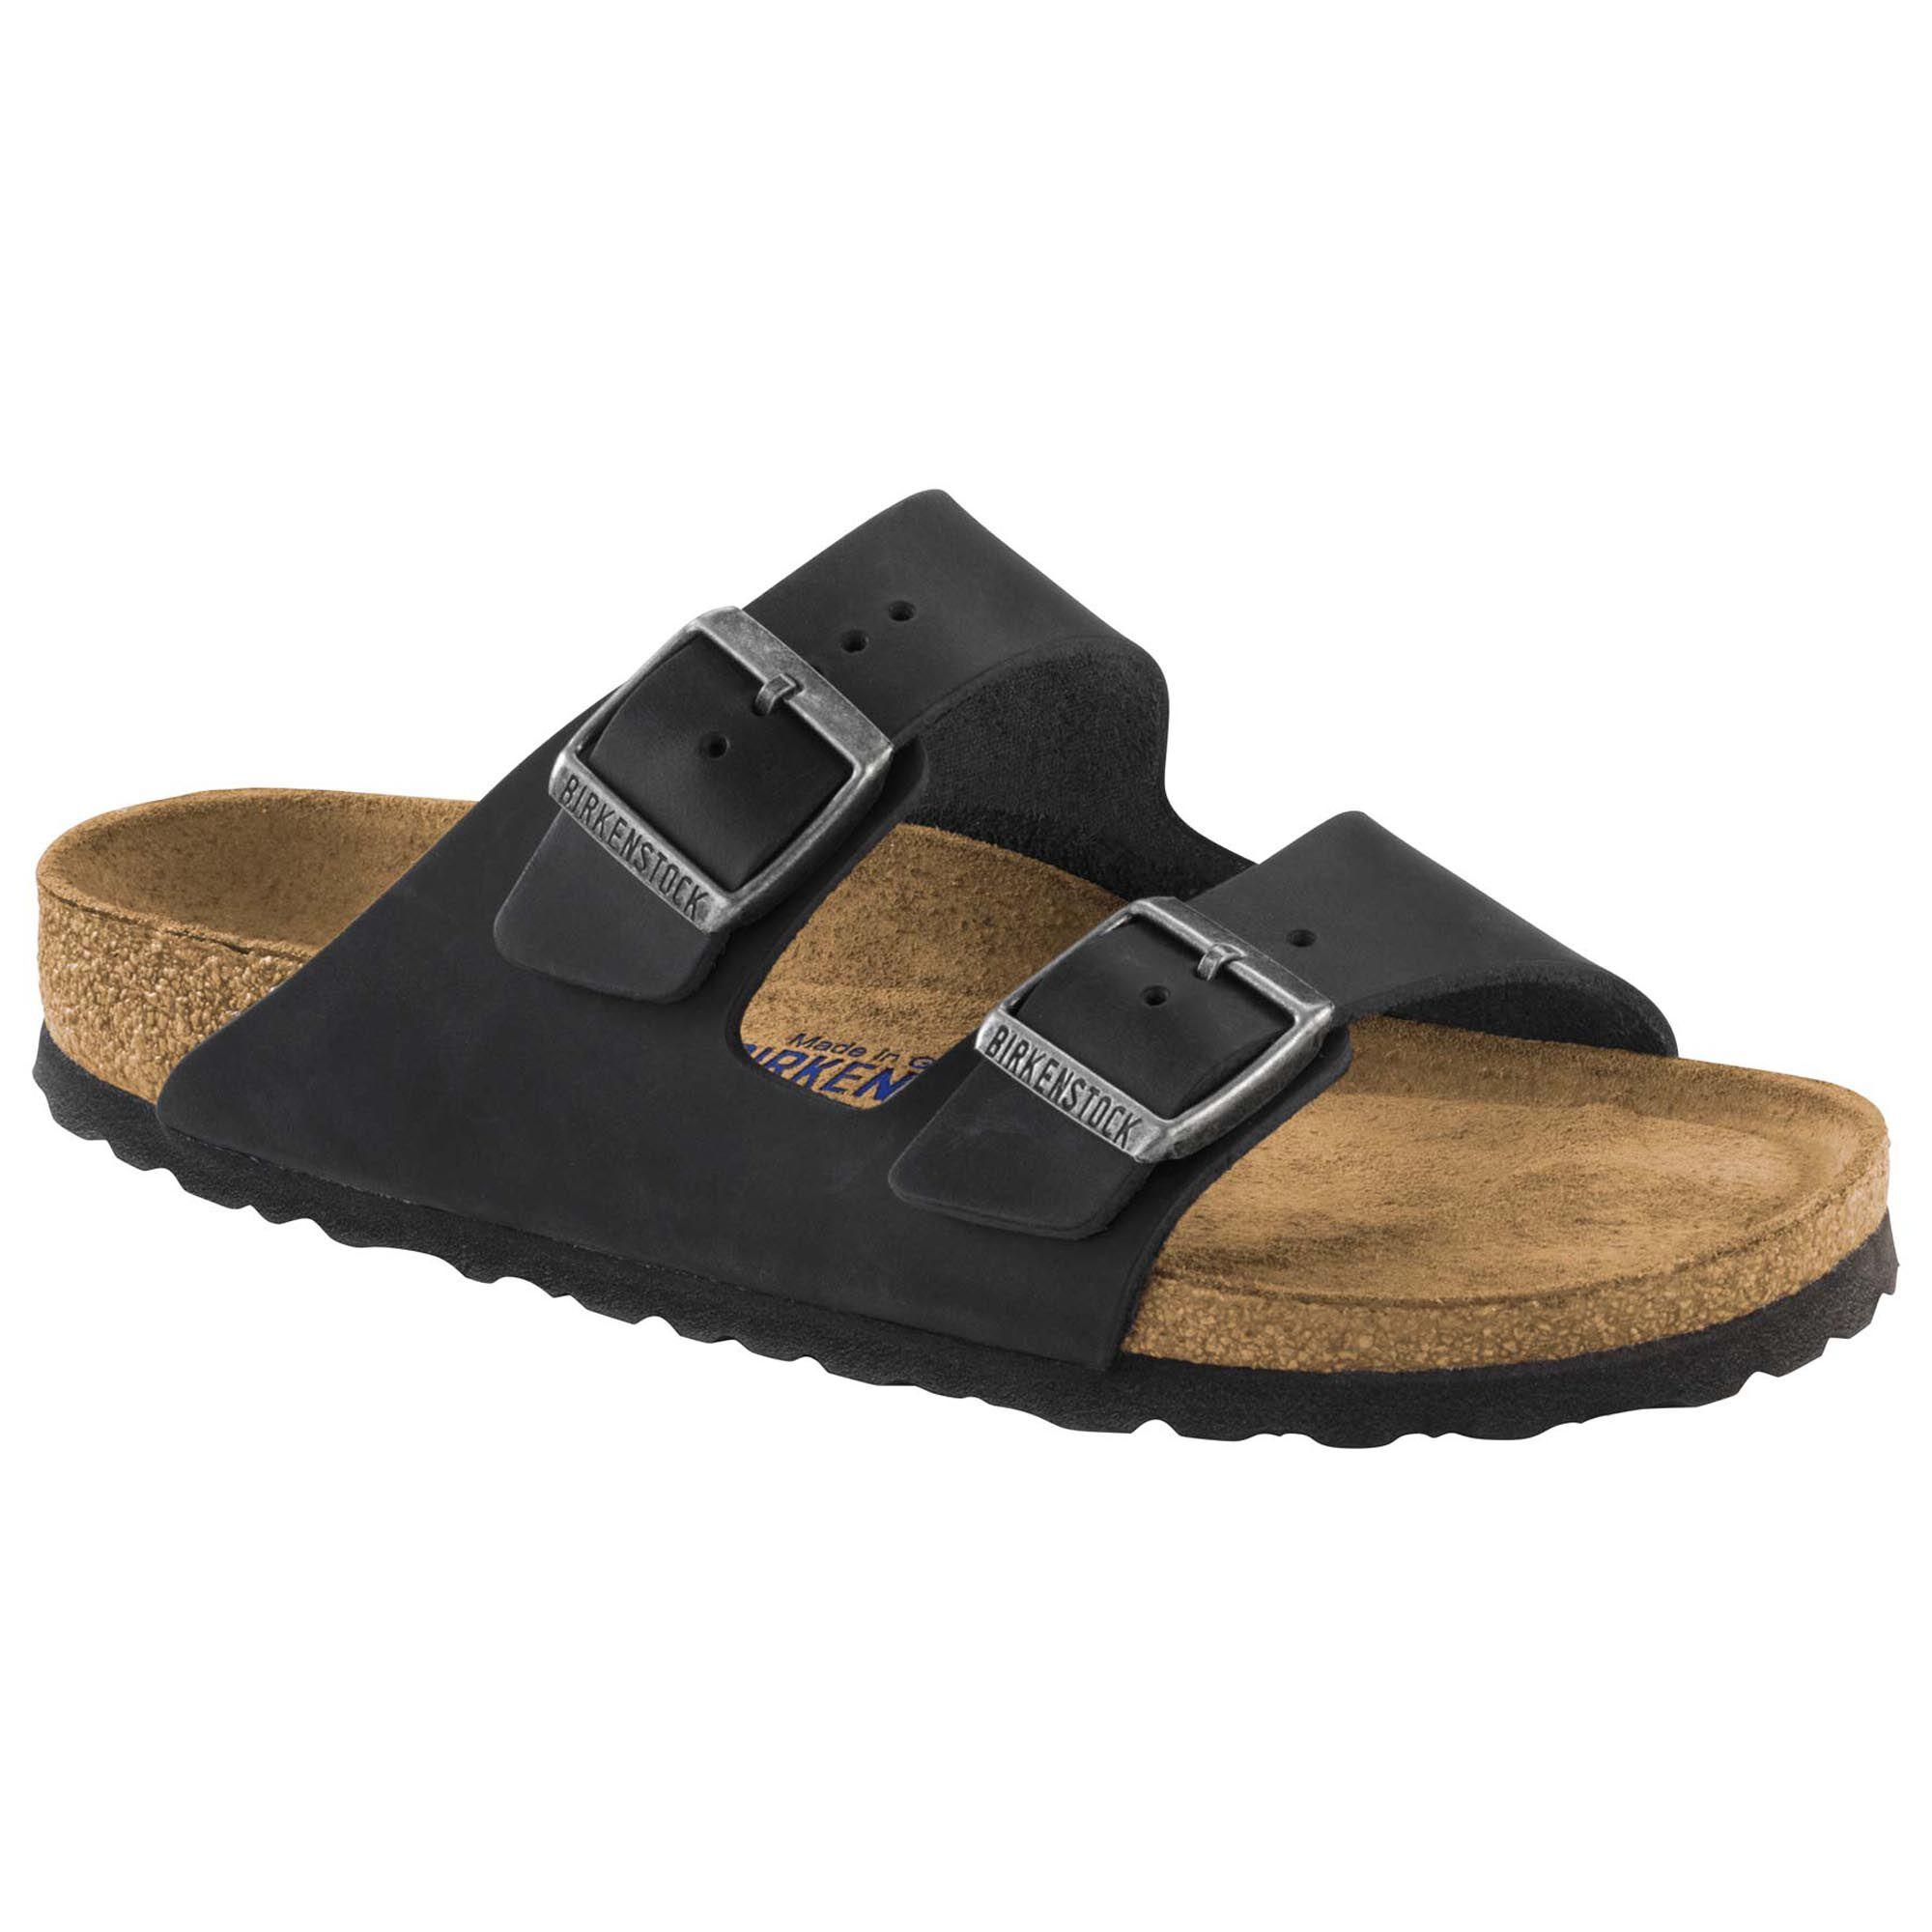 38e15798aa2f Arizona Nubuck Leather Soft Footbed Black